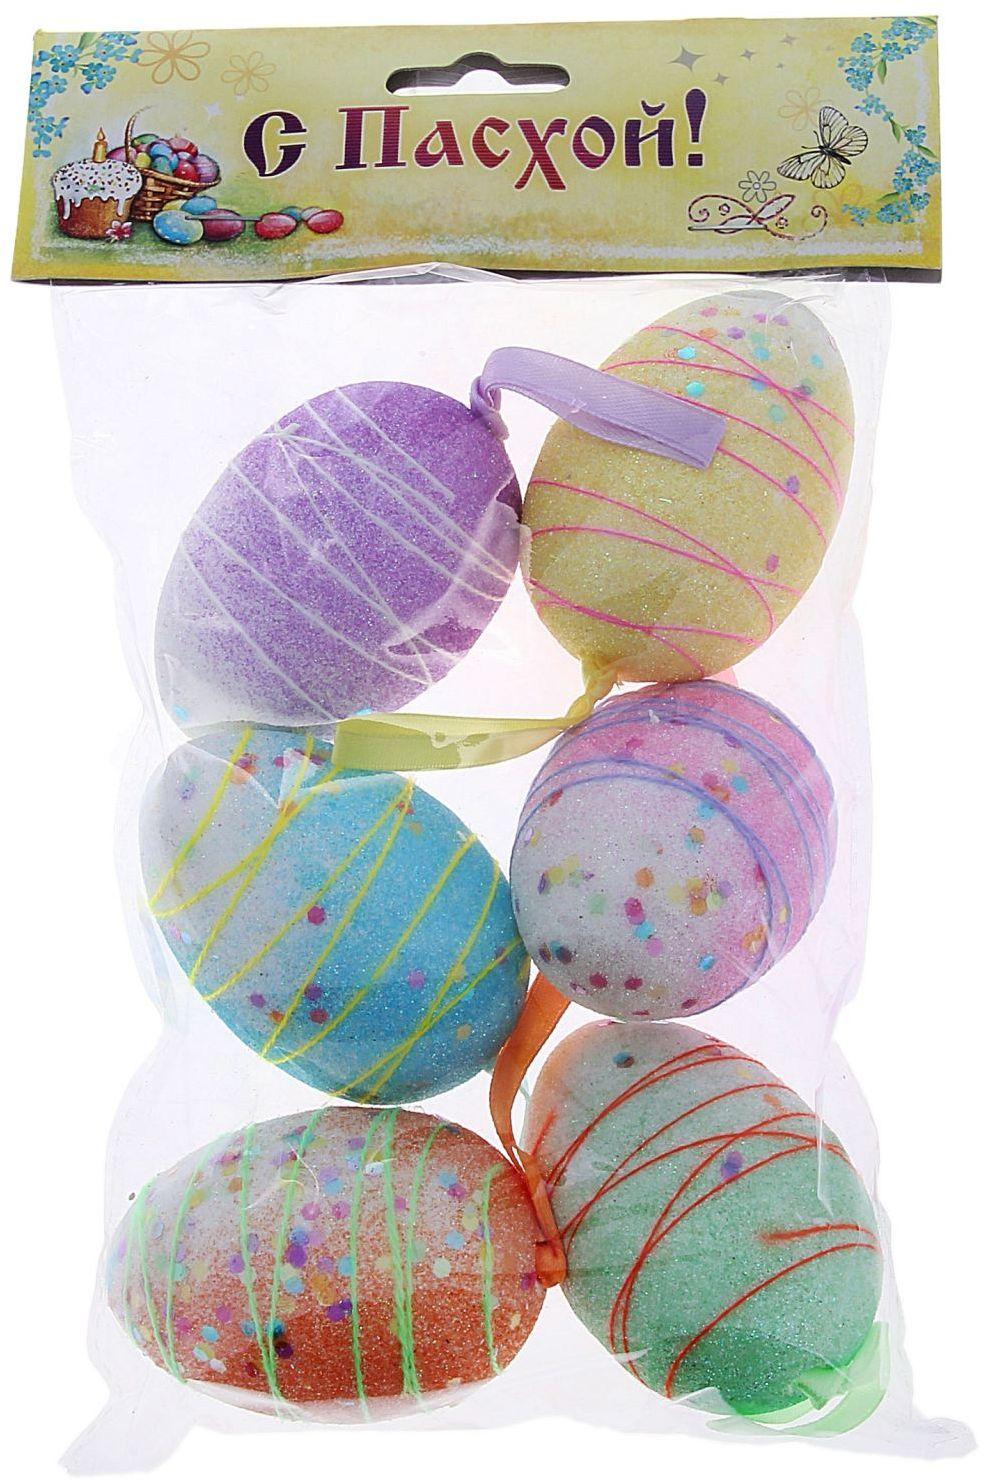 Сувенир пасхальный Яйцо. Блестка Серпантин Микс, 6 шт. 114800114800Яйцо - это главный пасхальный символ, который символизирует для христиан новую жизнь и возрождение, поэтому его присутствие на праздничном столе является обязательным элементом во многих странах. Сегодня крашеными яйцами принято не только украшать праздничный стол.